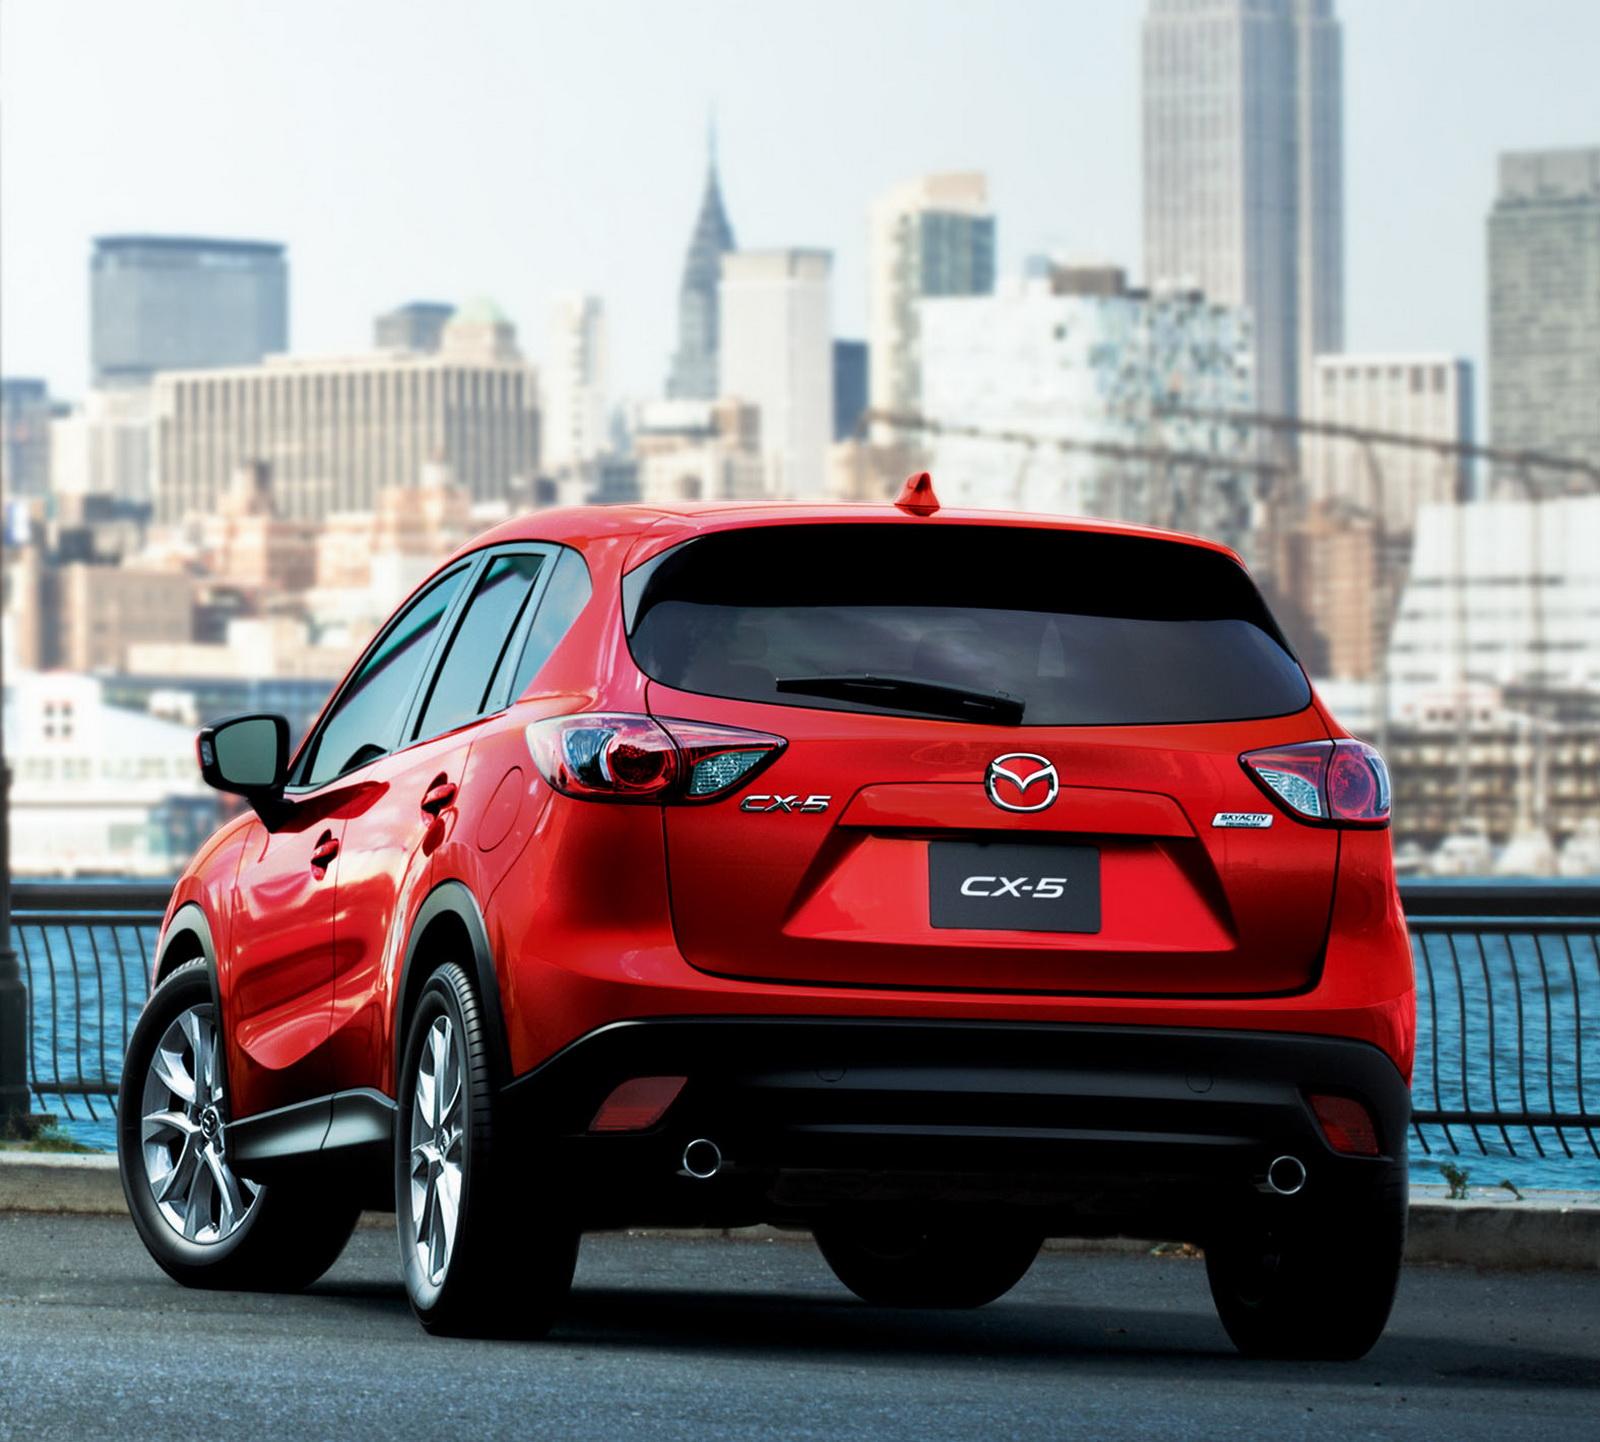 Mazda Com Cx5: Mazda To Launch All-New Mazda CX-5 Crossover SUV